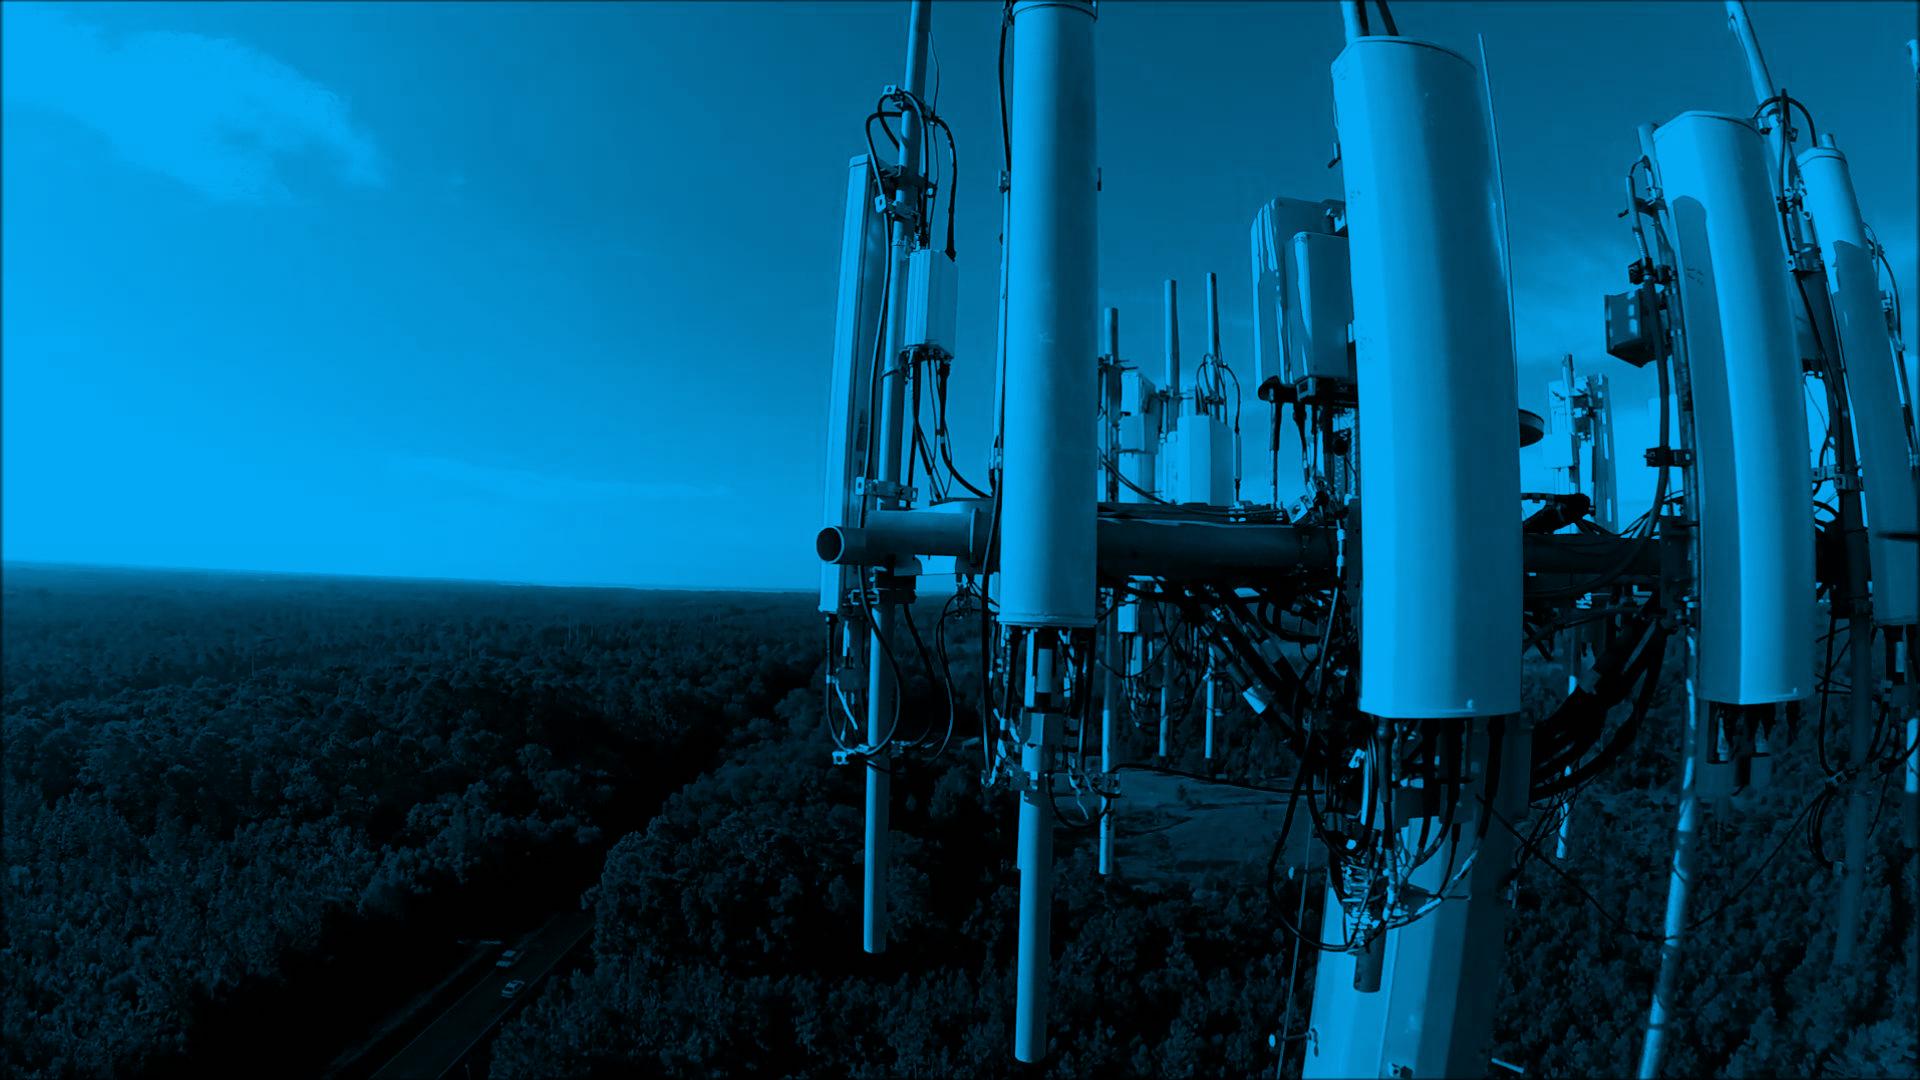 Cis Communications Wireless Telecommunications